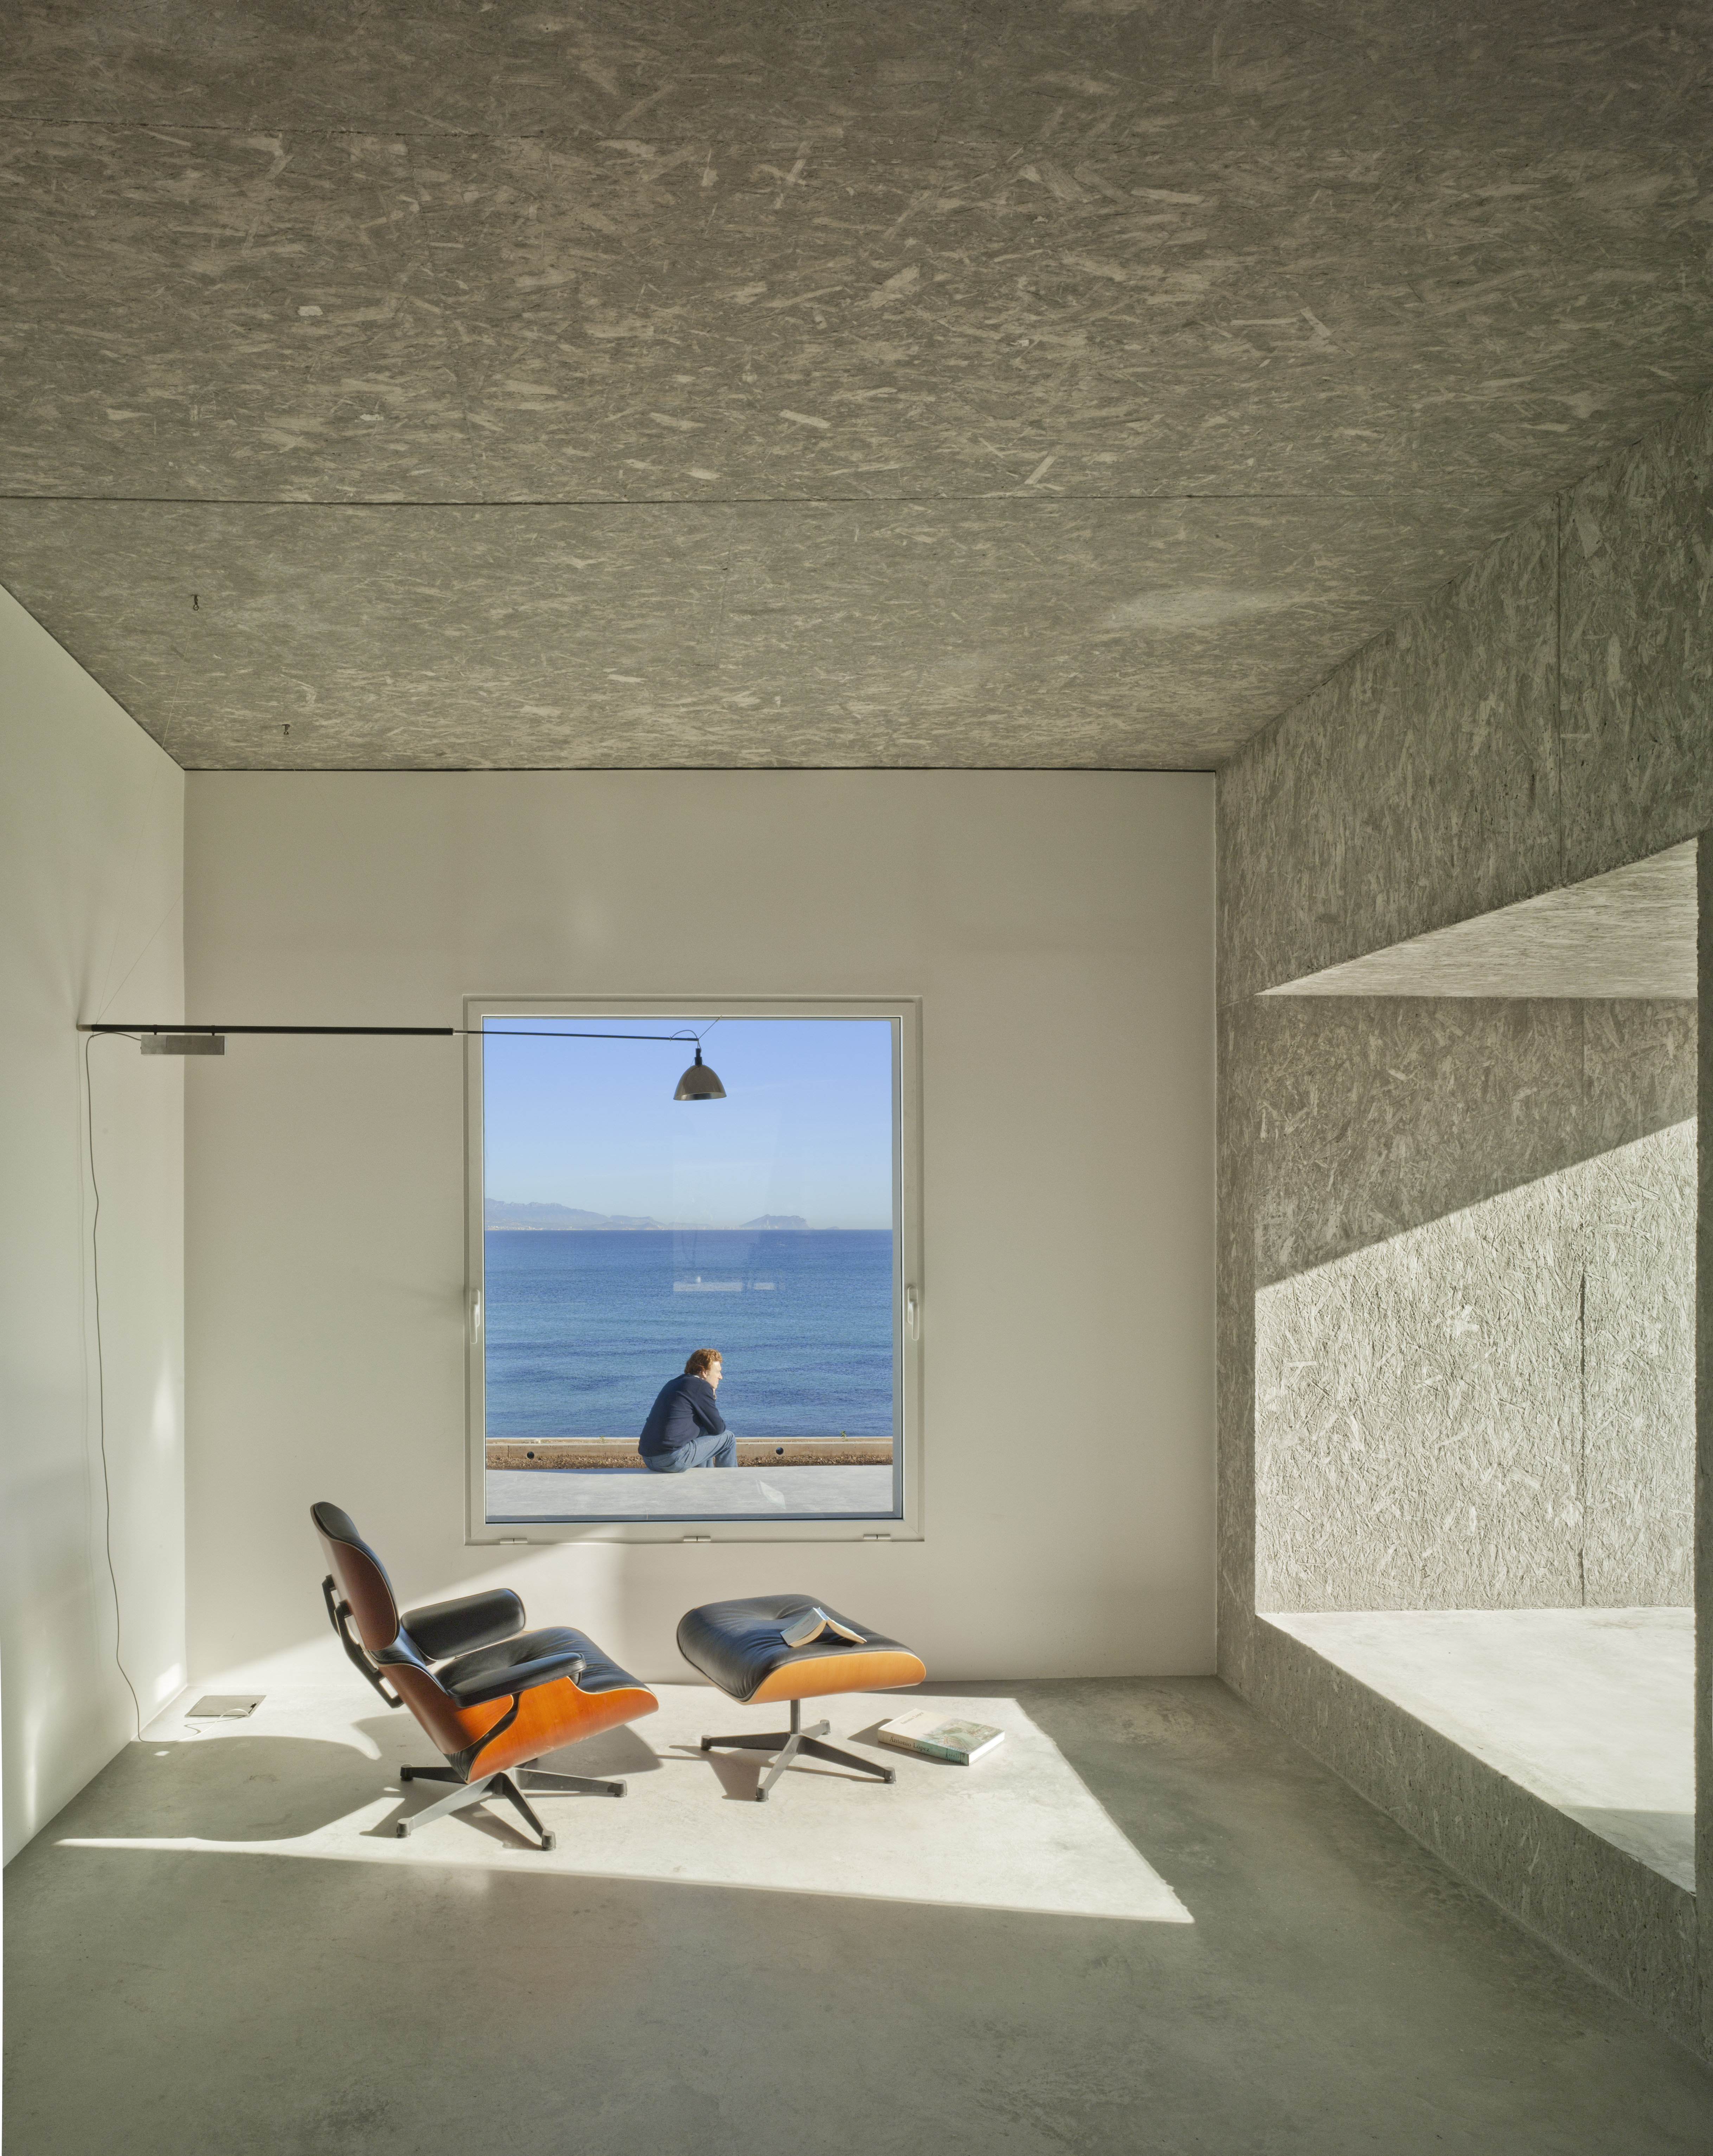 Fotografia e Arquitetura: David Frutos, © David Frutos